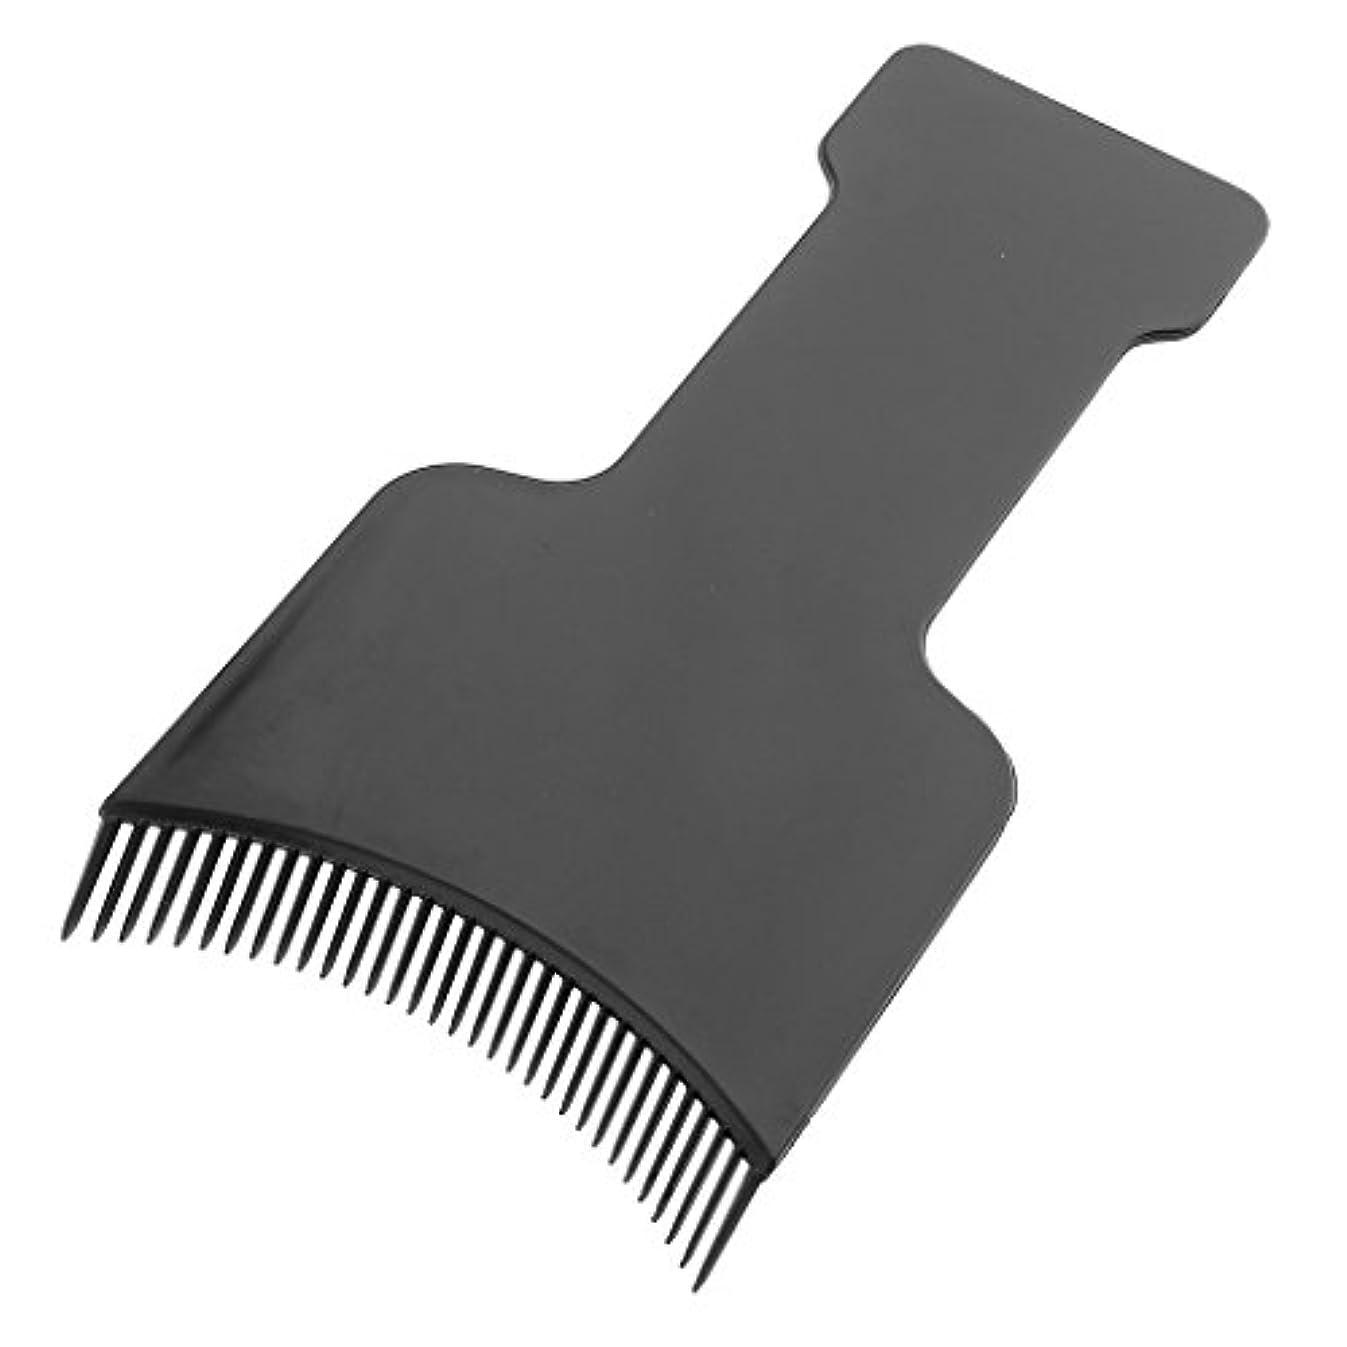 協力的分簿記係Perfeclan ヘアカラーボード サロン ヘアカラー 美容 ヘア ツール 髪 保護 ブラック 全4サイズ - S